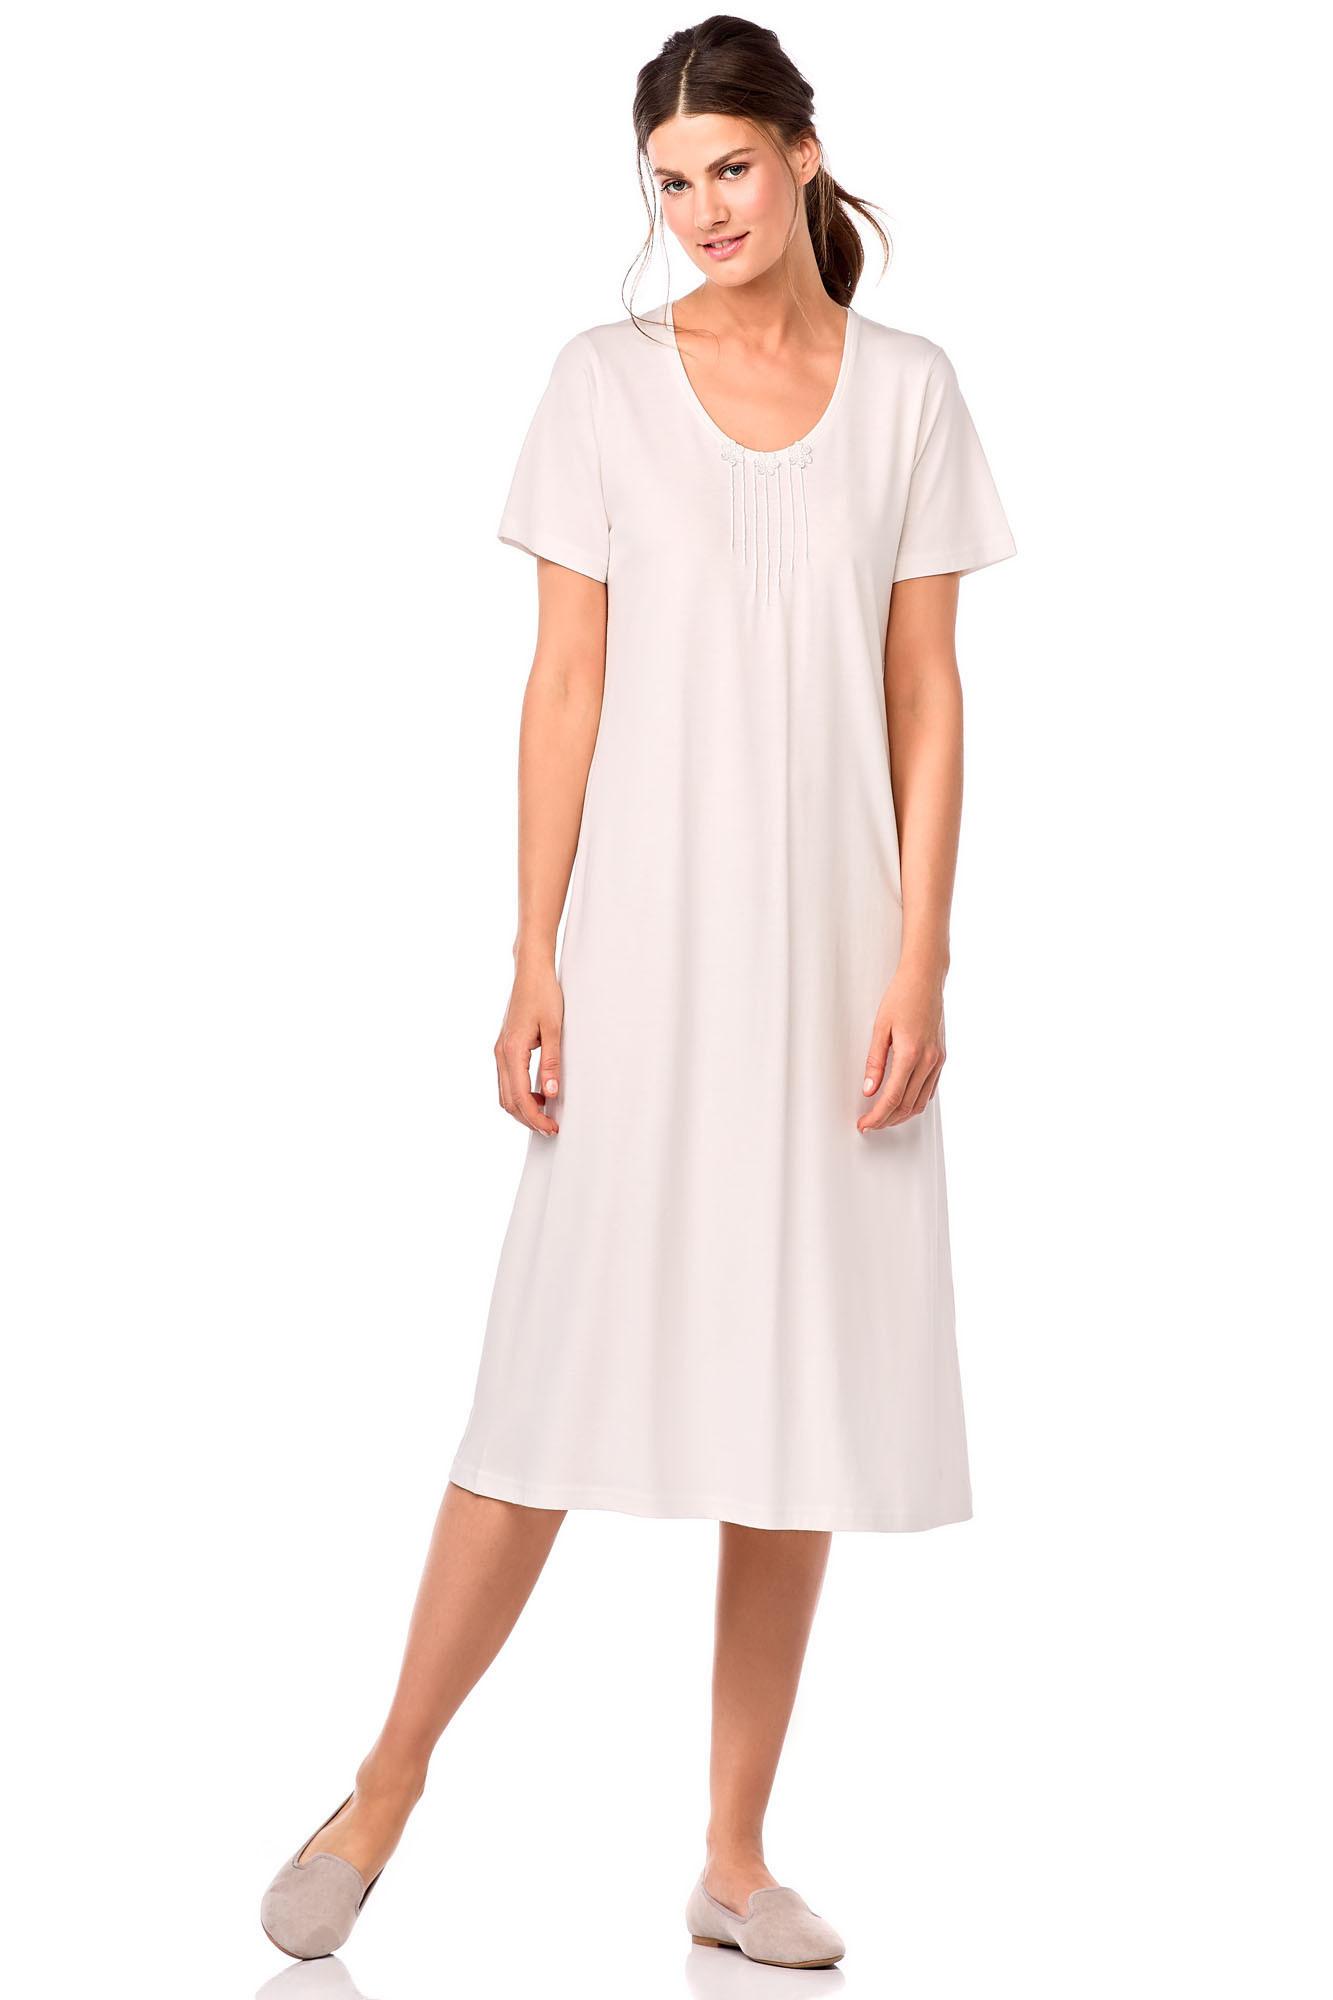 Dámská noční košile 10-6755 Vamp Barva: ecru, Velikost: M